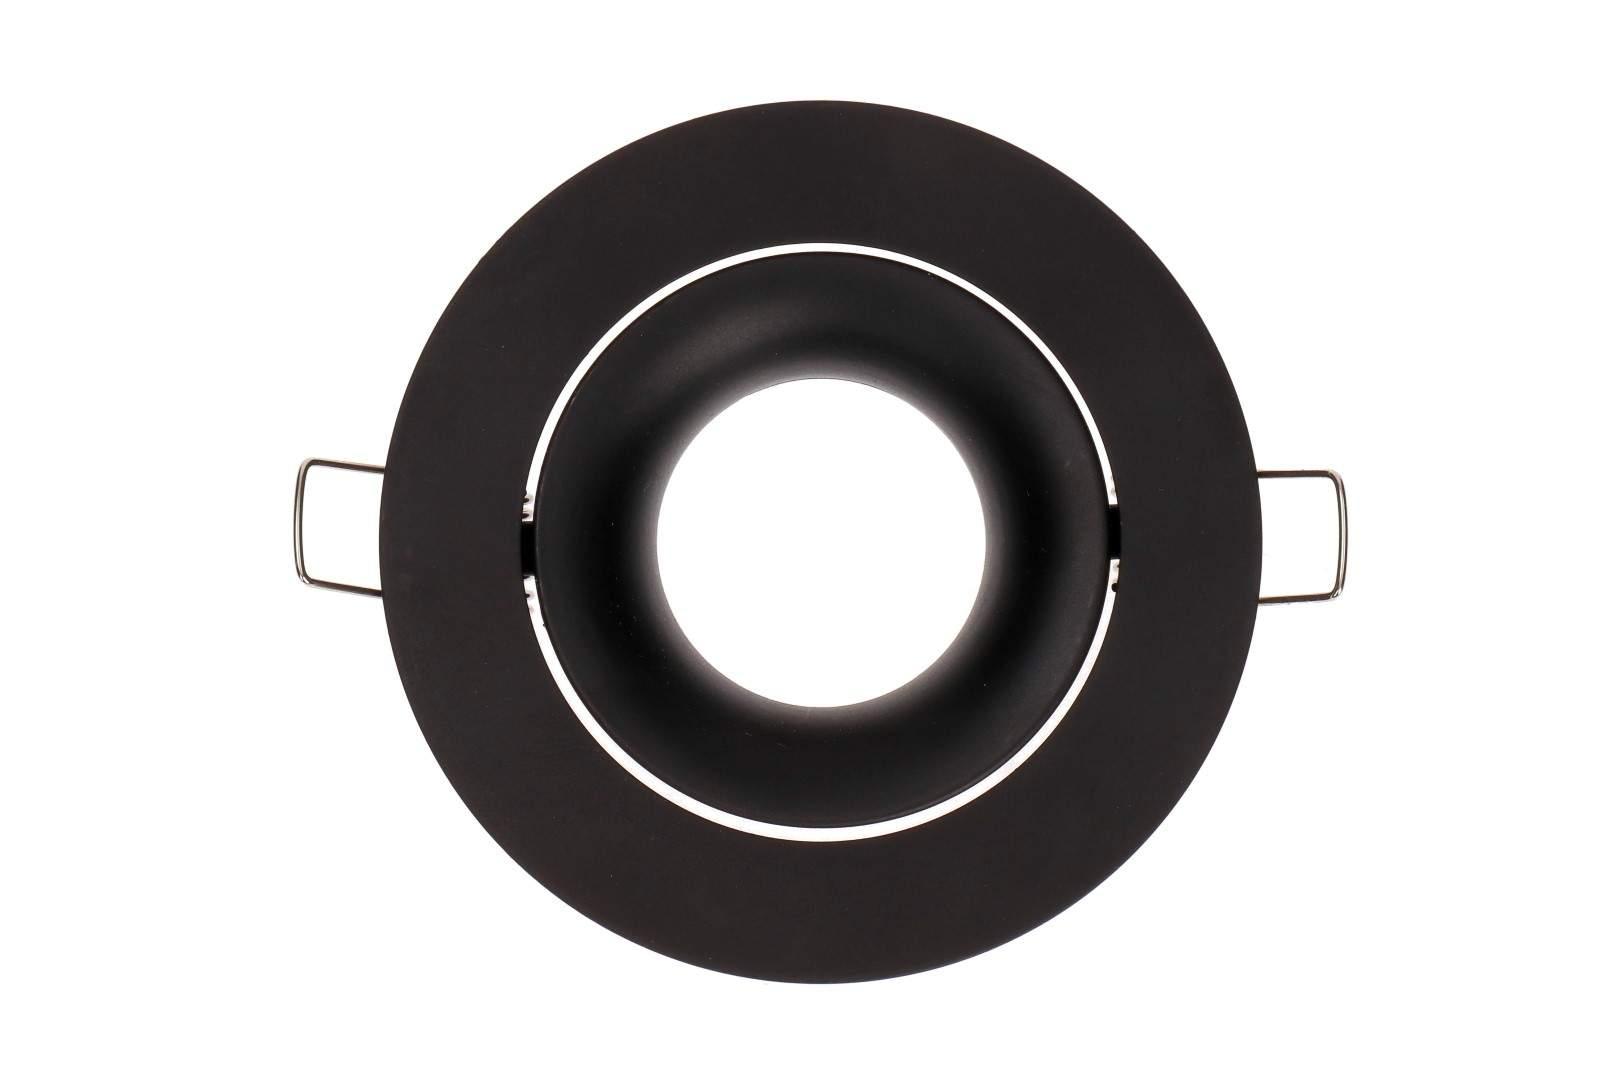 Рамка светильника Рамка светильника  BCR 1 черный круглый